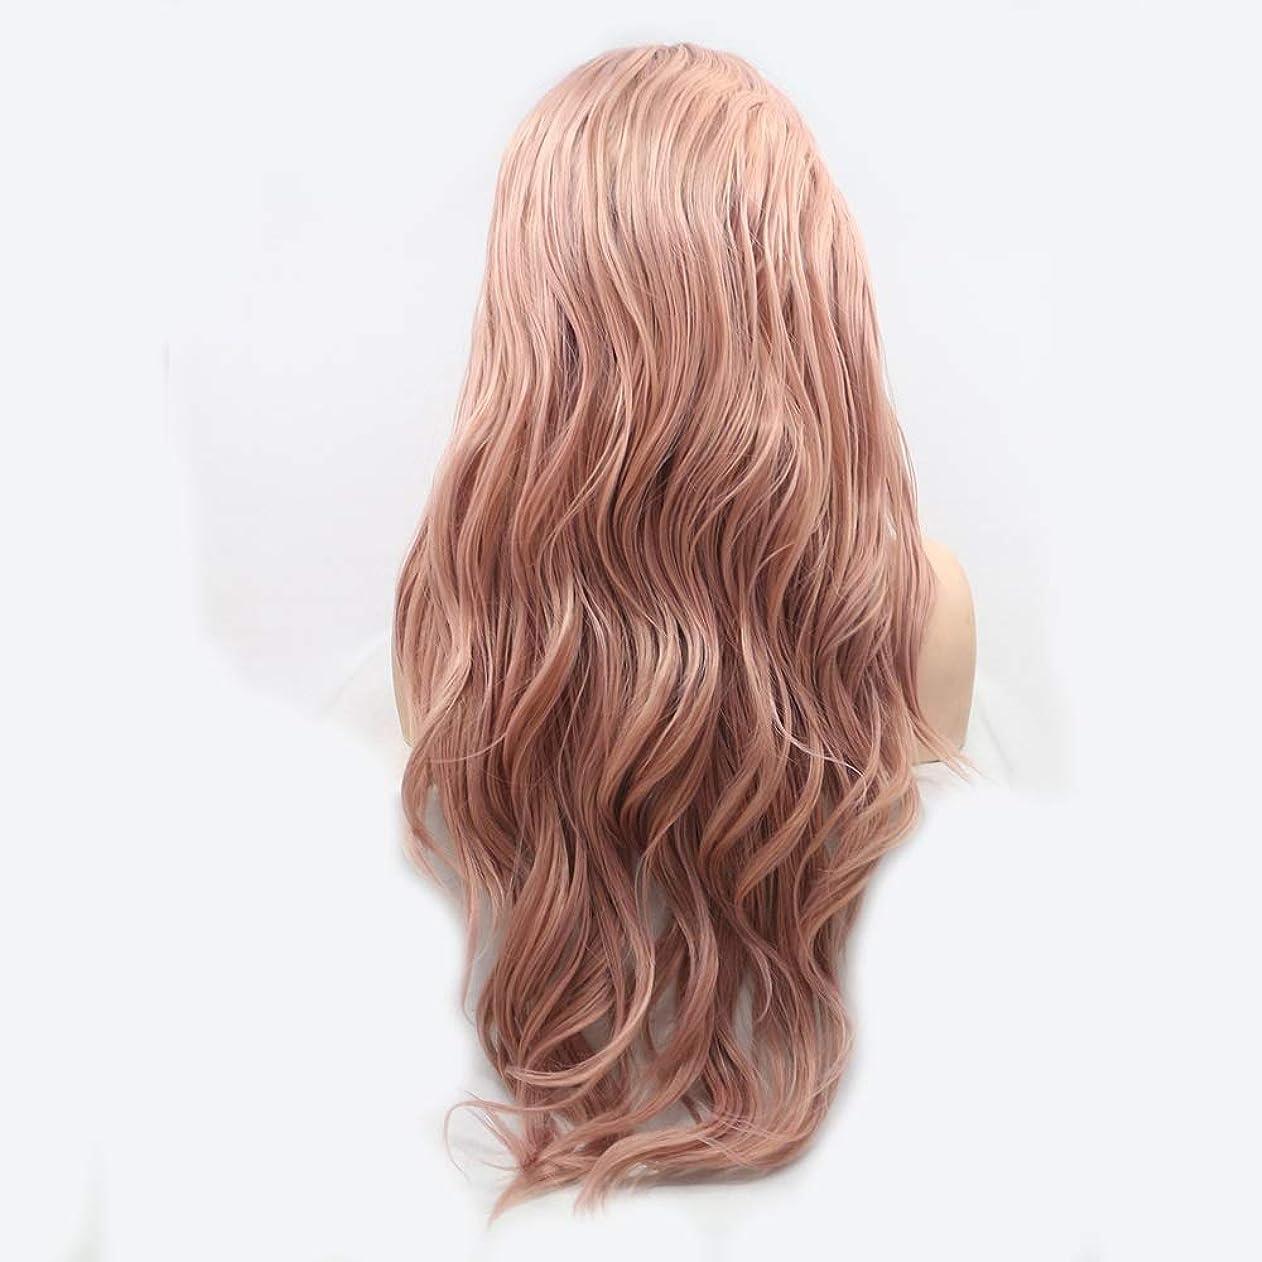 ゲージビスケット切り離すHAILAN HOME-かつら ピンクのグラデーションイオンホットForesightful髪カーリーヘアウィッグレディース手作りのレースのヨーロッパとアメリカのウィッグセットウィッグセットナチュラルグラフィック換気